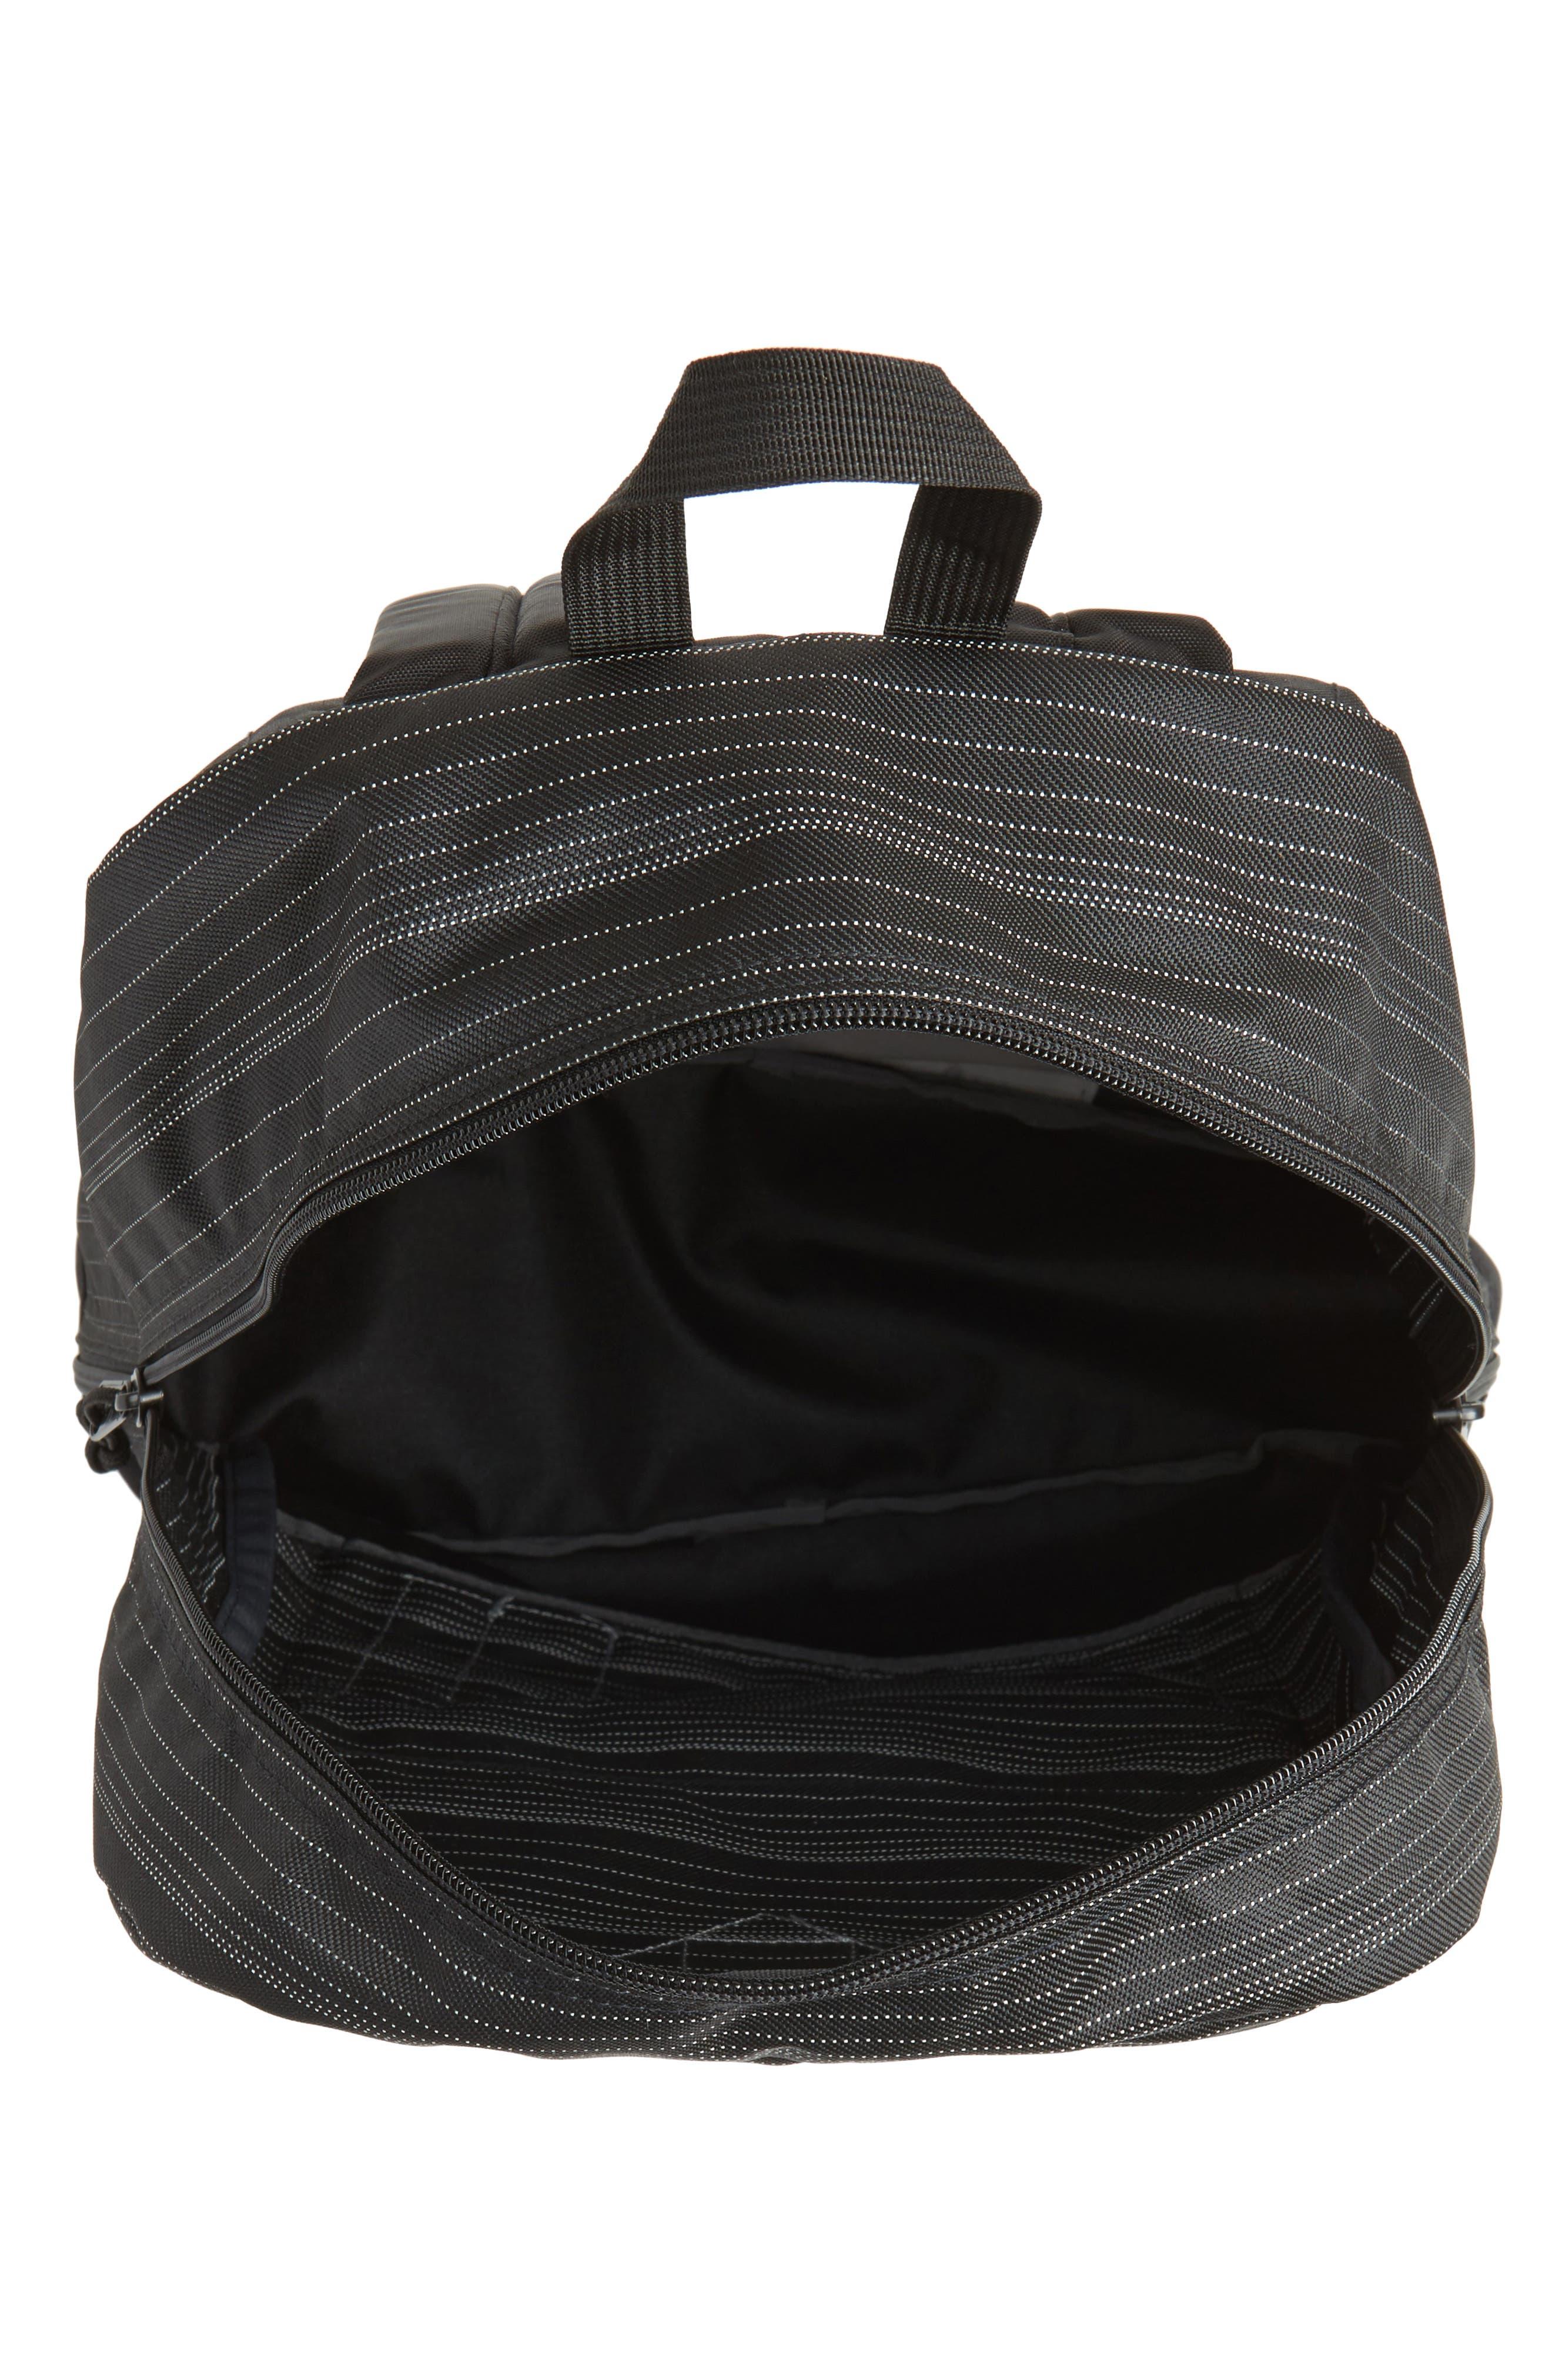 Alternate Image 4  - Jansport Super FX Reflective Backpack